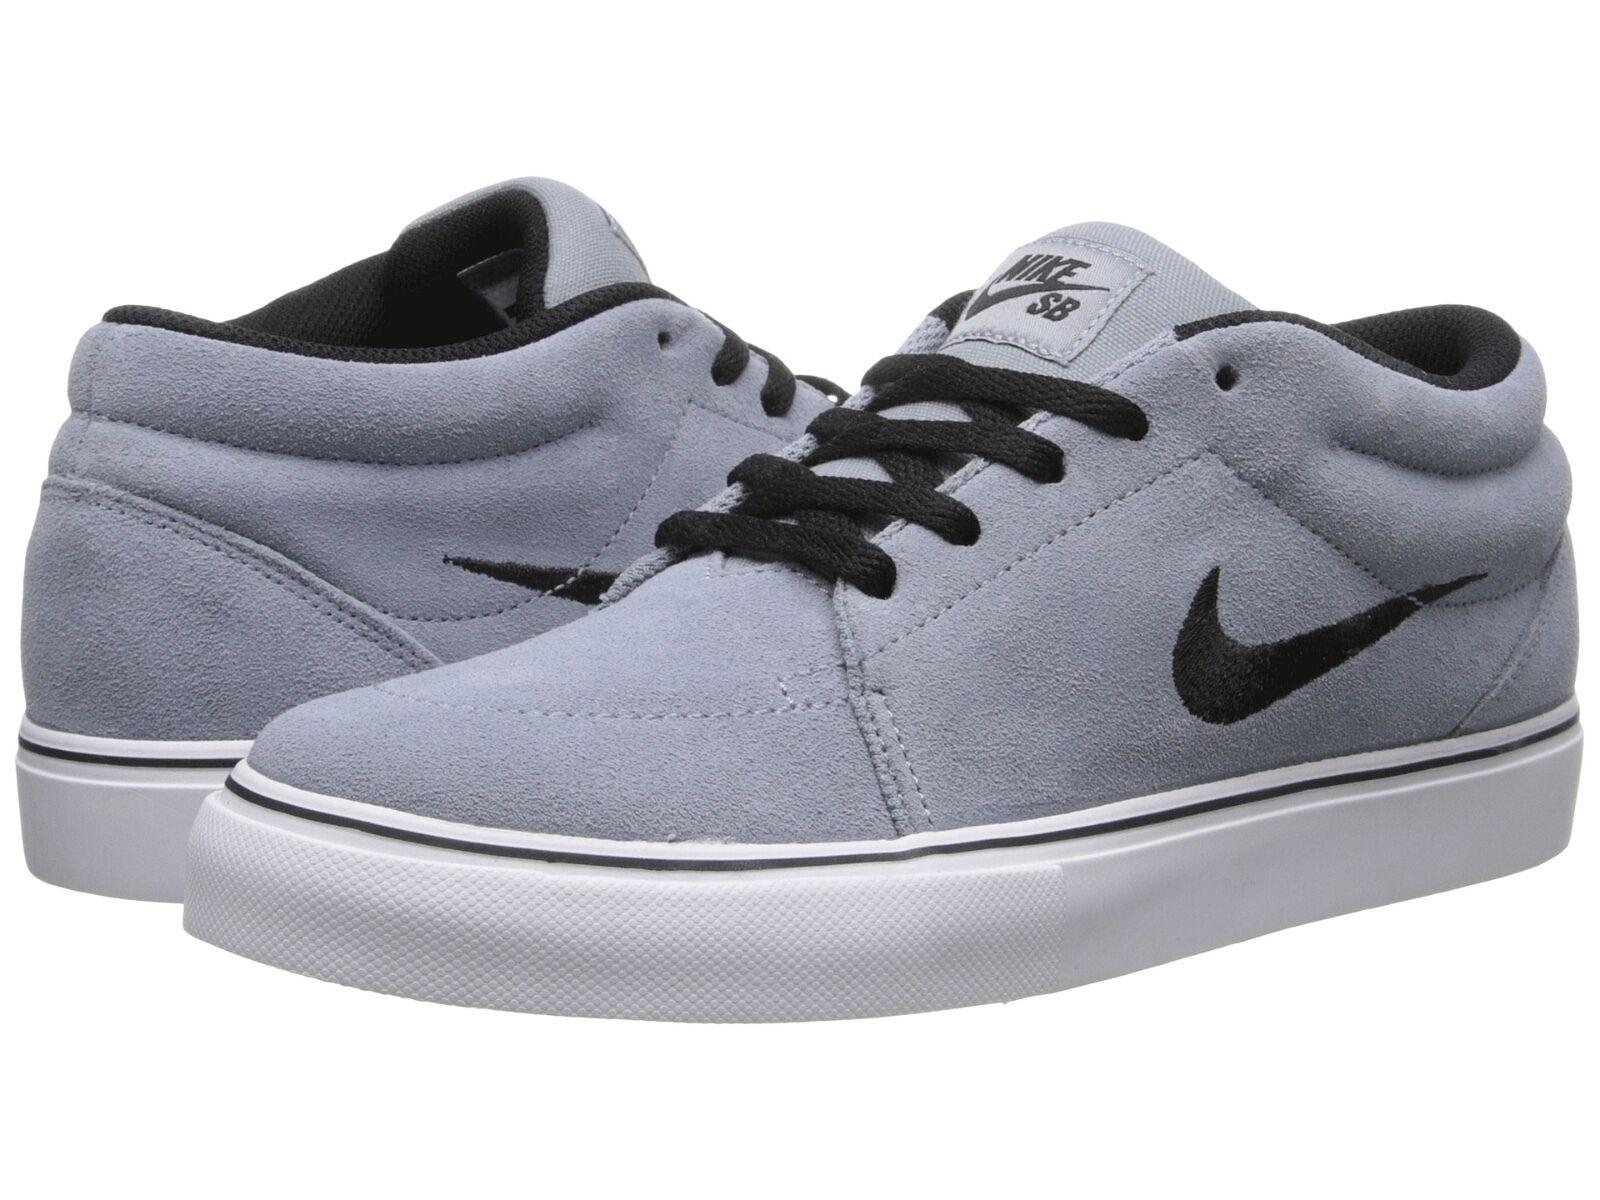 classique jeu mode rabais style Nike Chaussures De Skate En Daim Satire - Papier Peint En Noir Et Blanc très bon marché 0TqZD